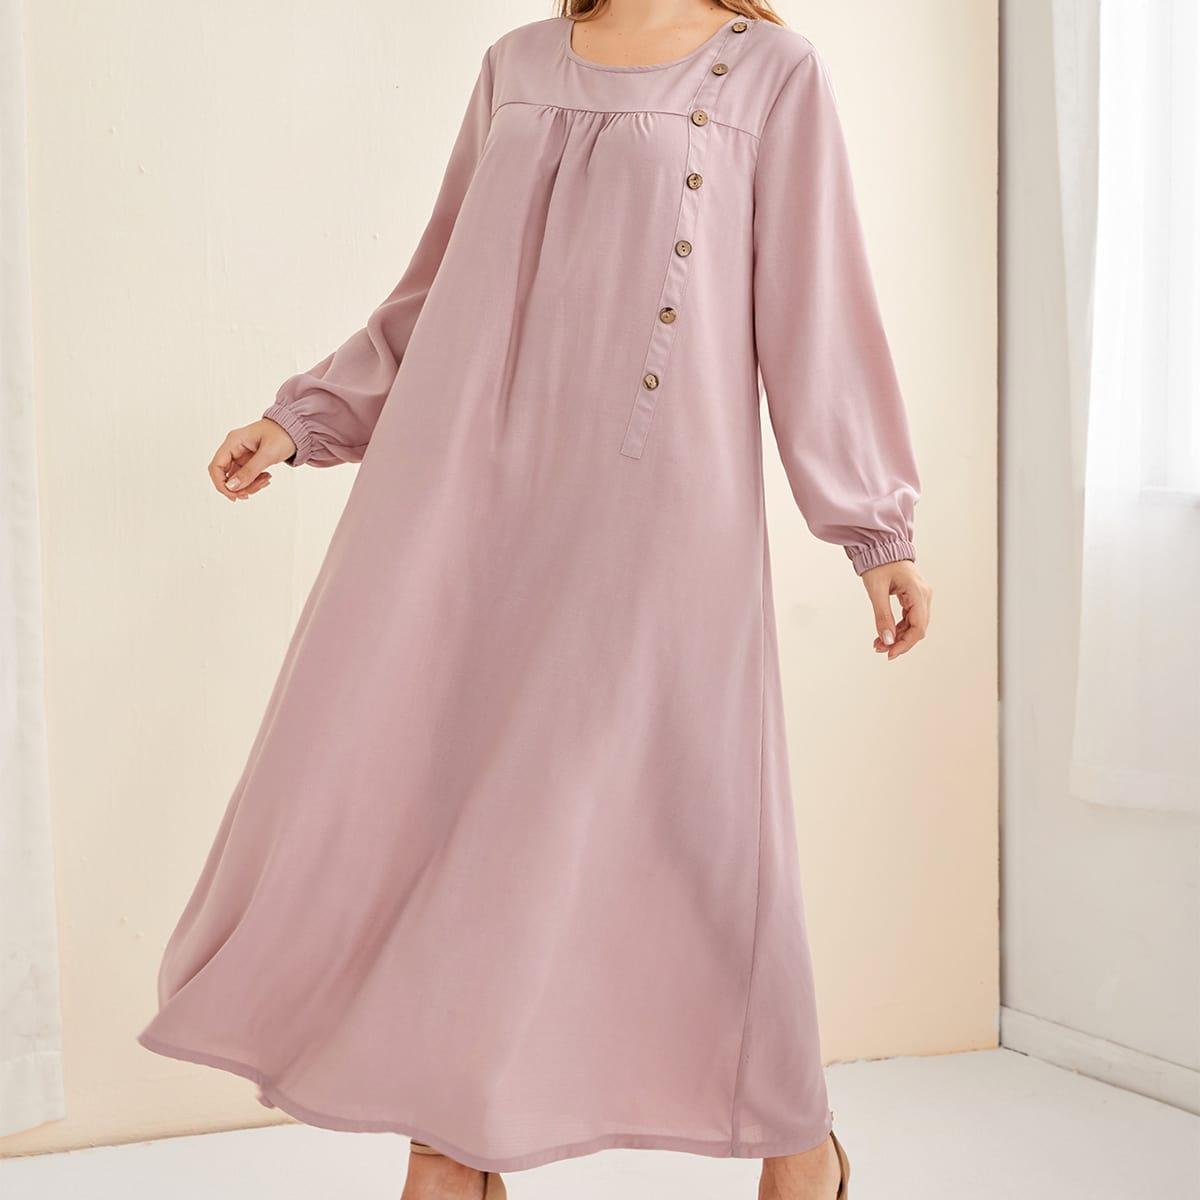 Пуговица Одноцветный Повседневный Платья размер плюс